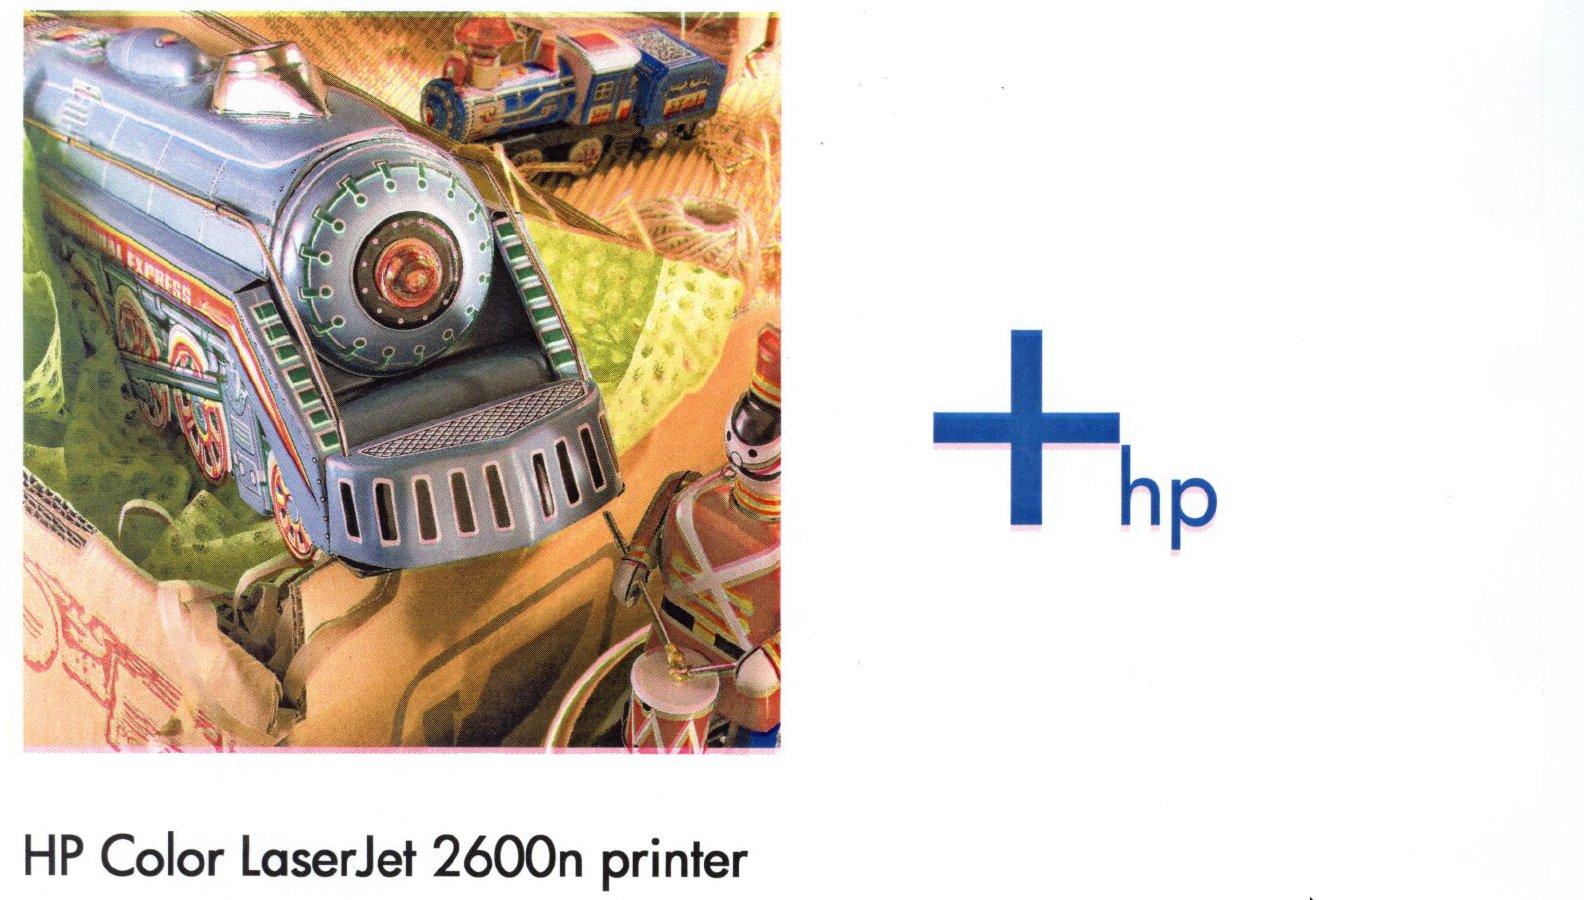 hp color laserjet 2600n printer hp support forum 501527 - Hp Color Laserjet 2600n